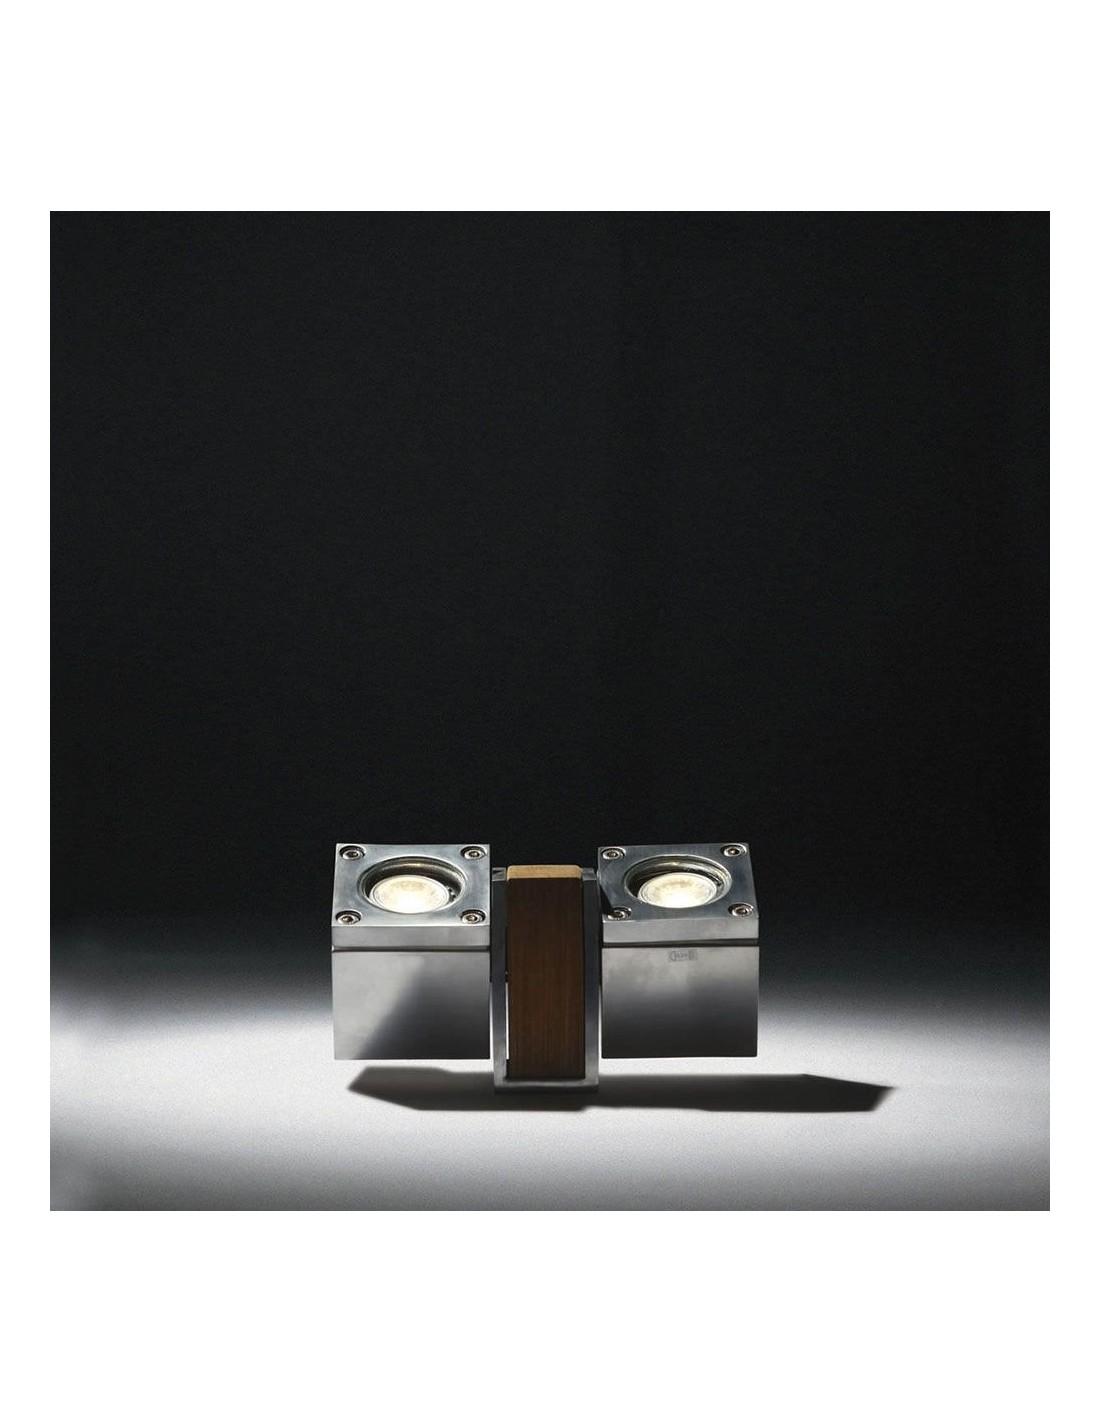 Retrouvez chez Valente Design ce luminaire de la marque Royal Botania, la borne Q-BIC 2 spots 10 cm en inox